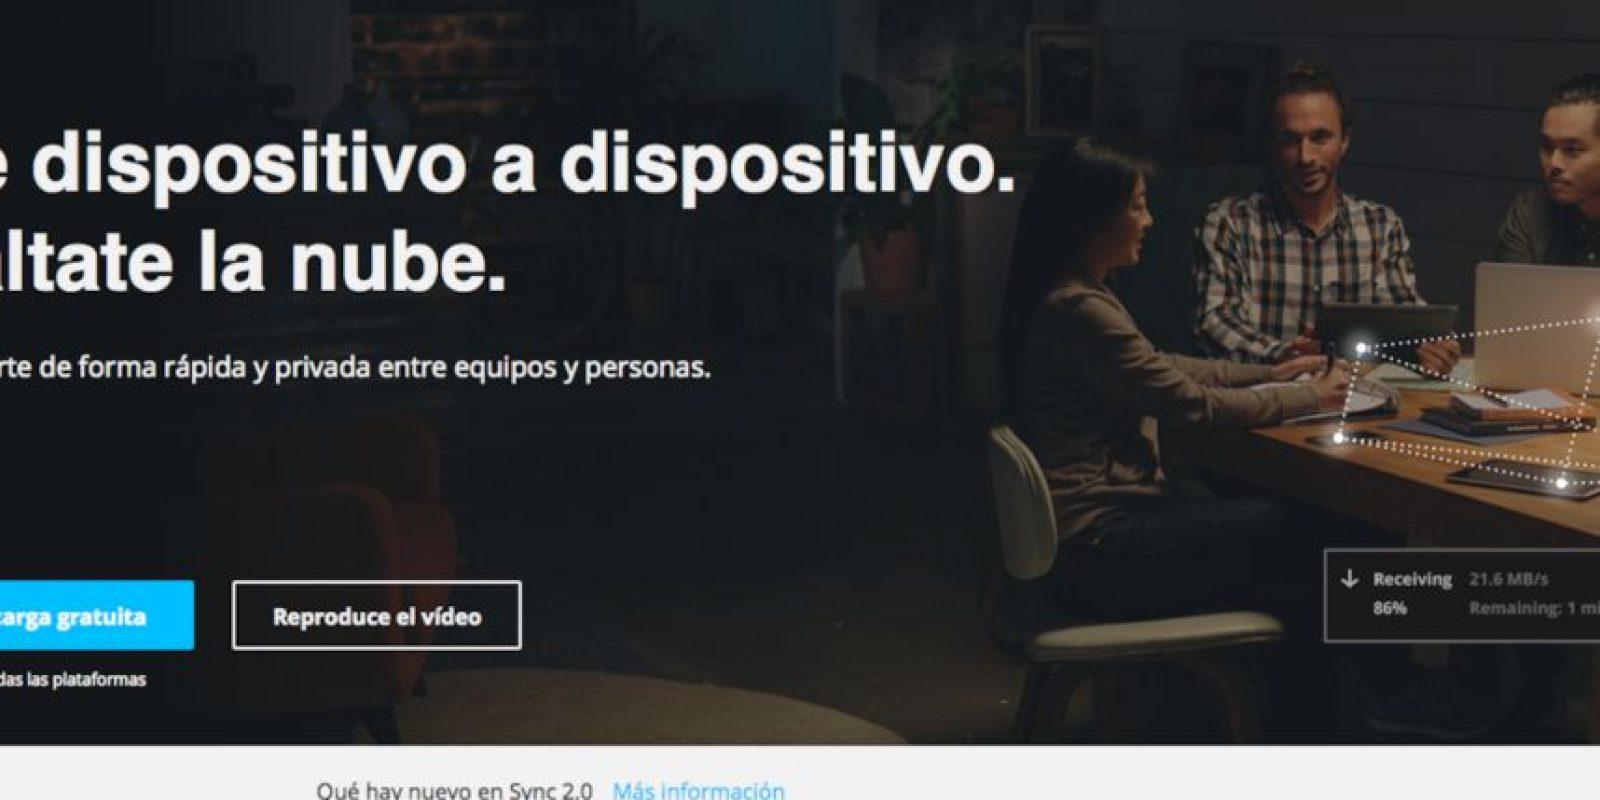 Sync es una alternativa que usa las redes sociales para su comodidad. Foto:https://www.getsync.com/intl/es/